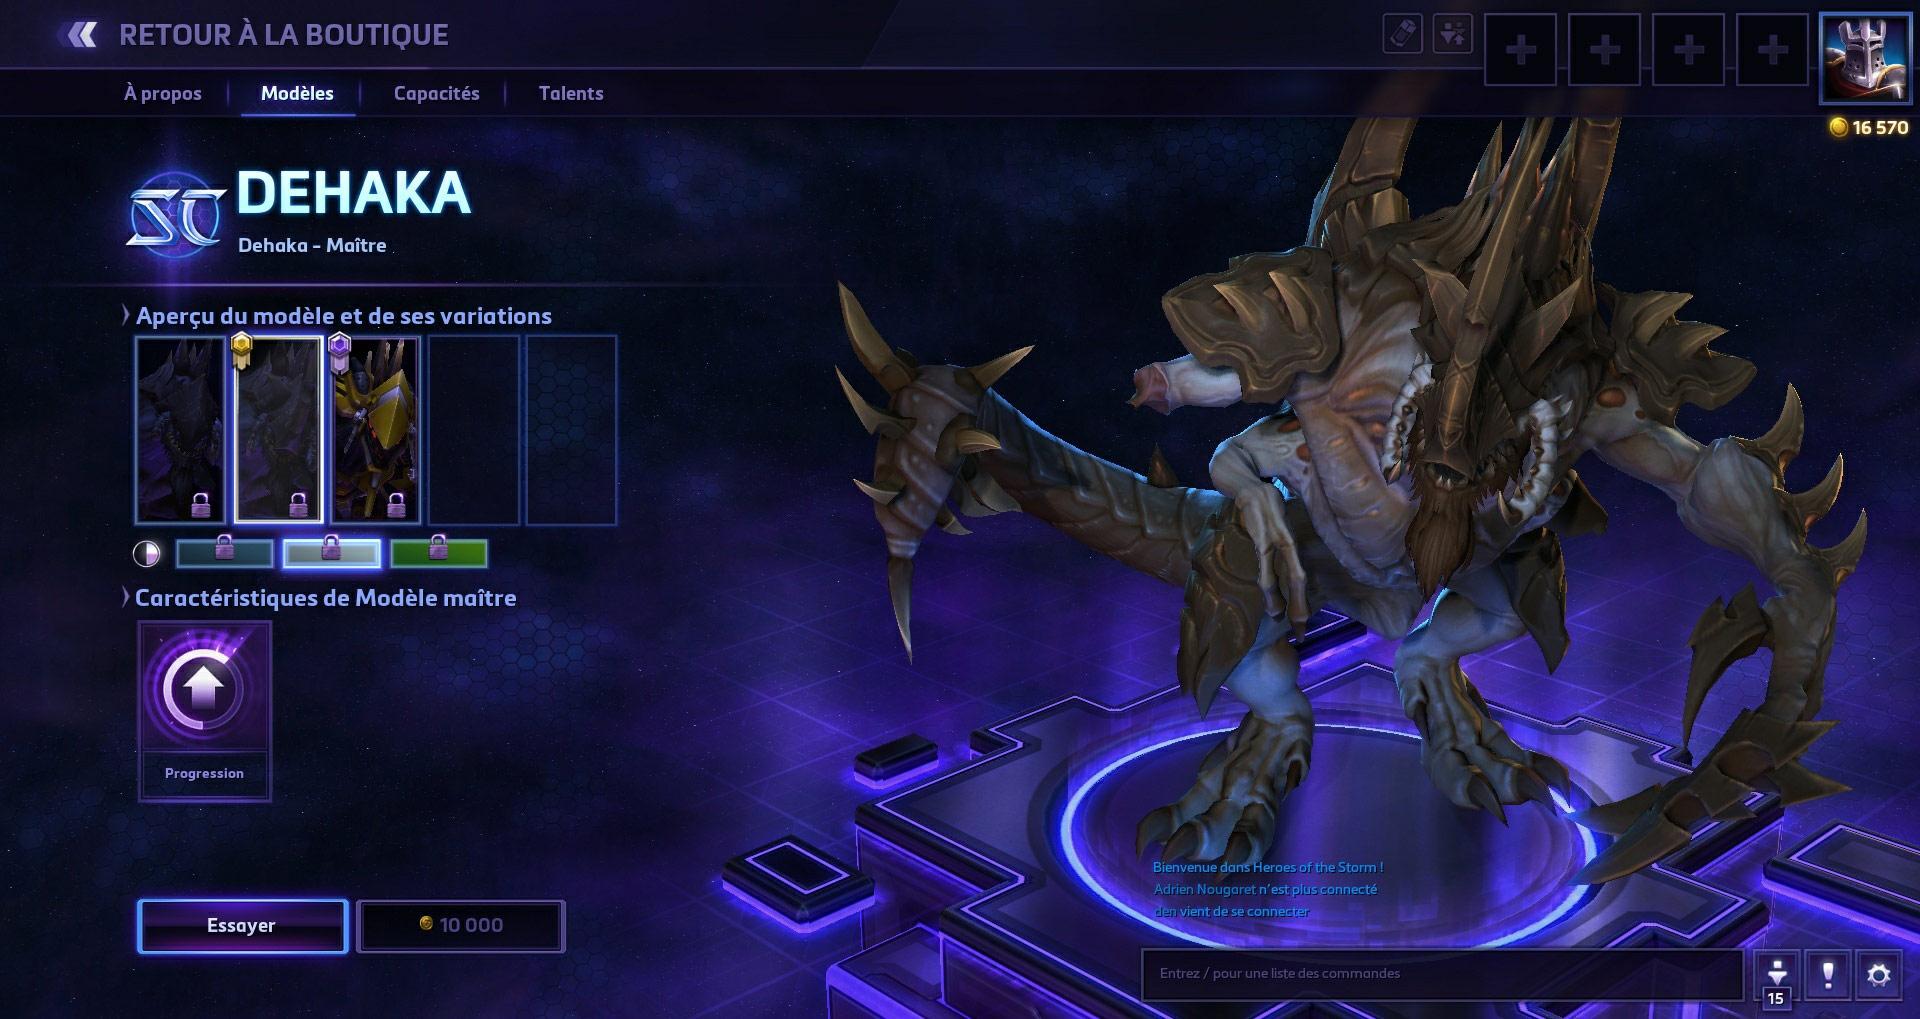 Screenshot de Dehaka dans Heroes of the Storm.